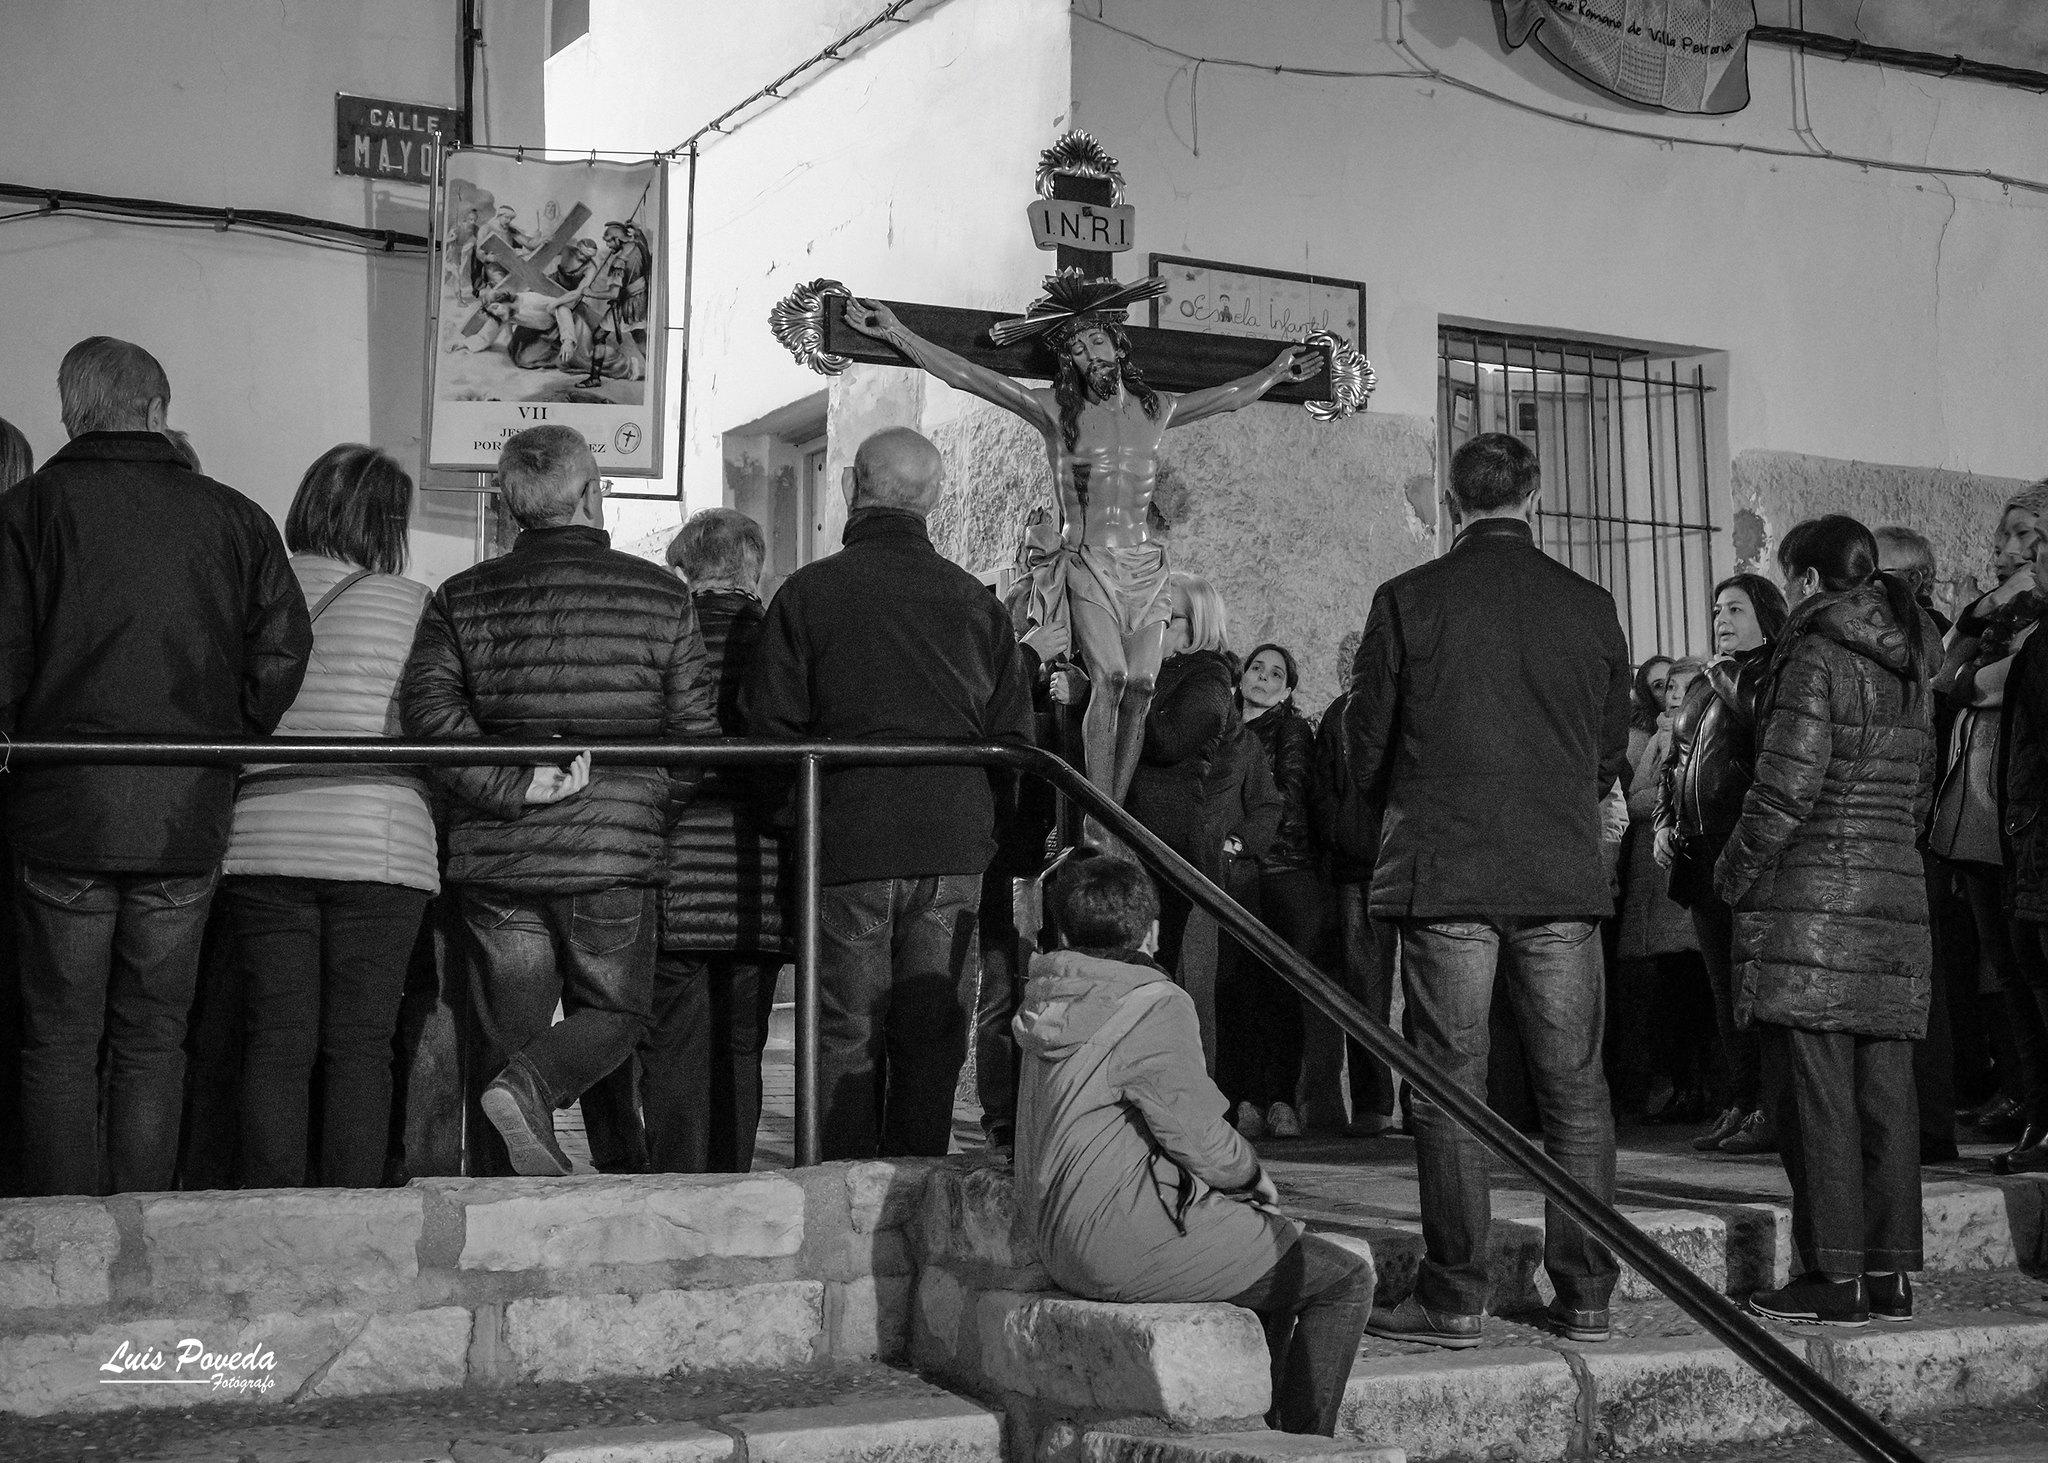 (2019-04-12) - X Vía Crucis nocturno - Luis Poveda Galiano (12)